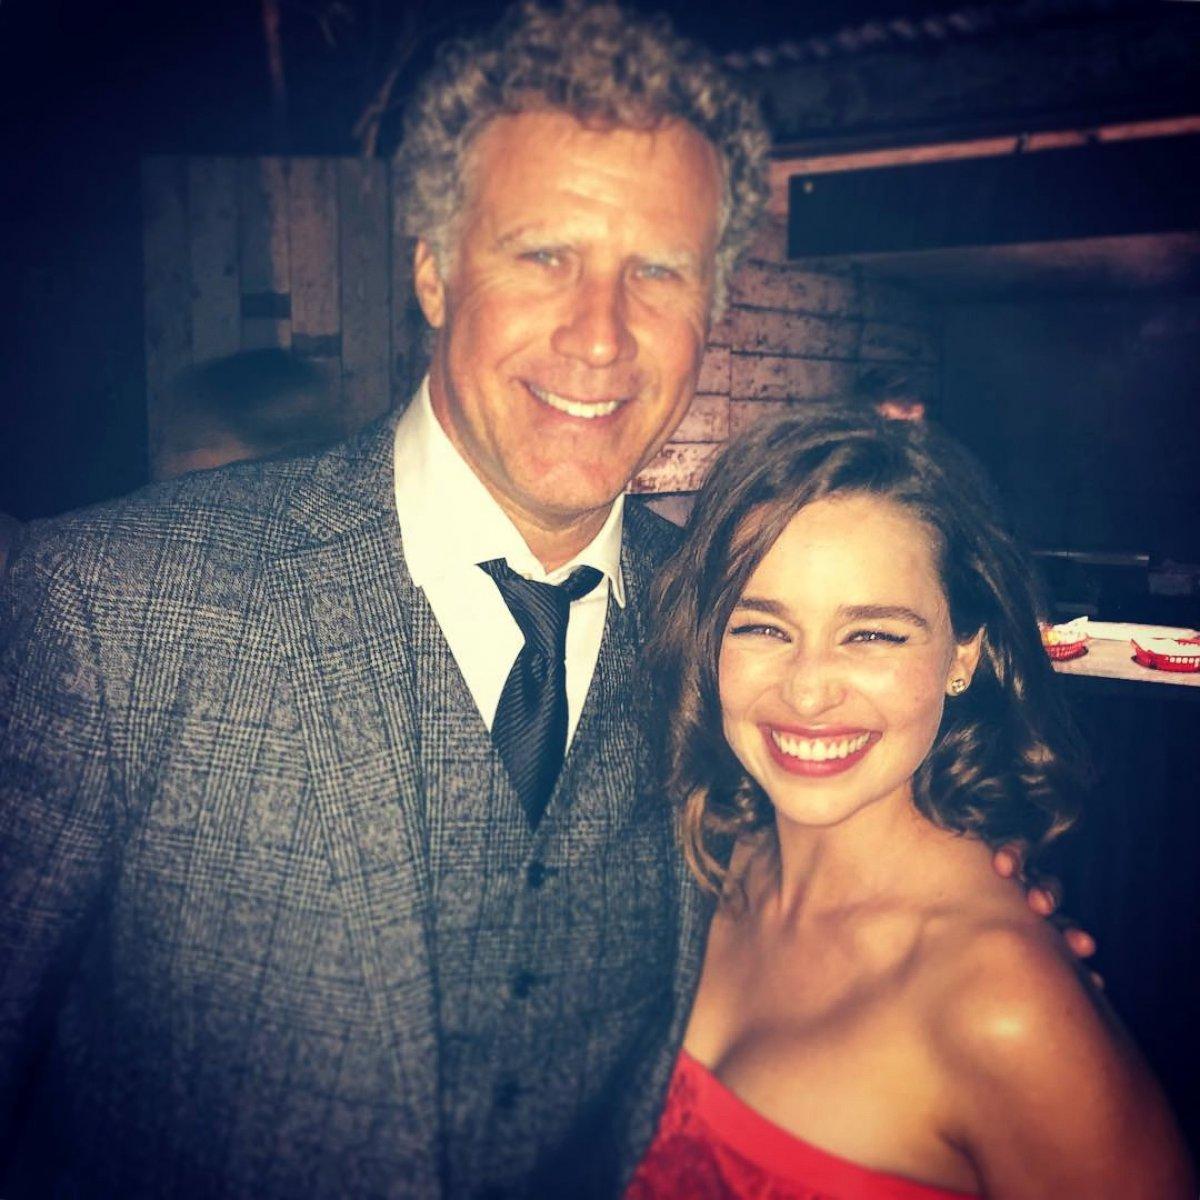 Emilia Clarke and Will Ferrell